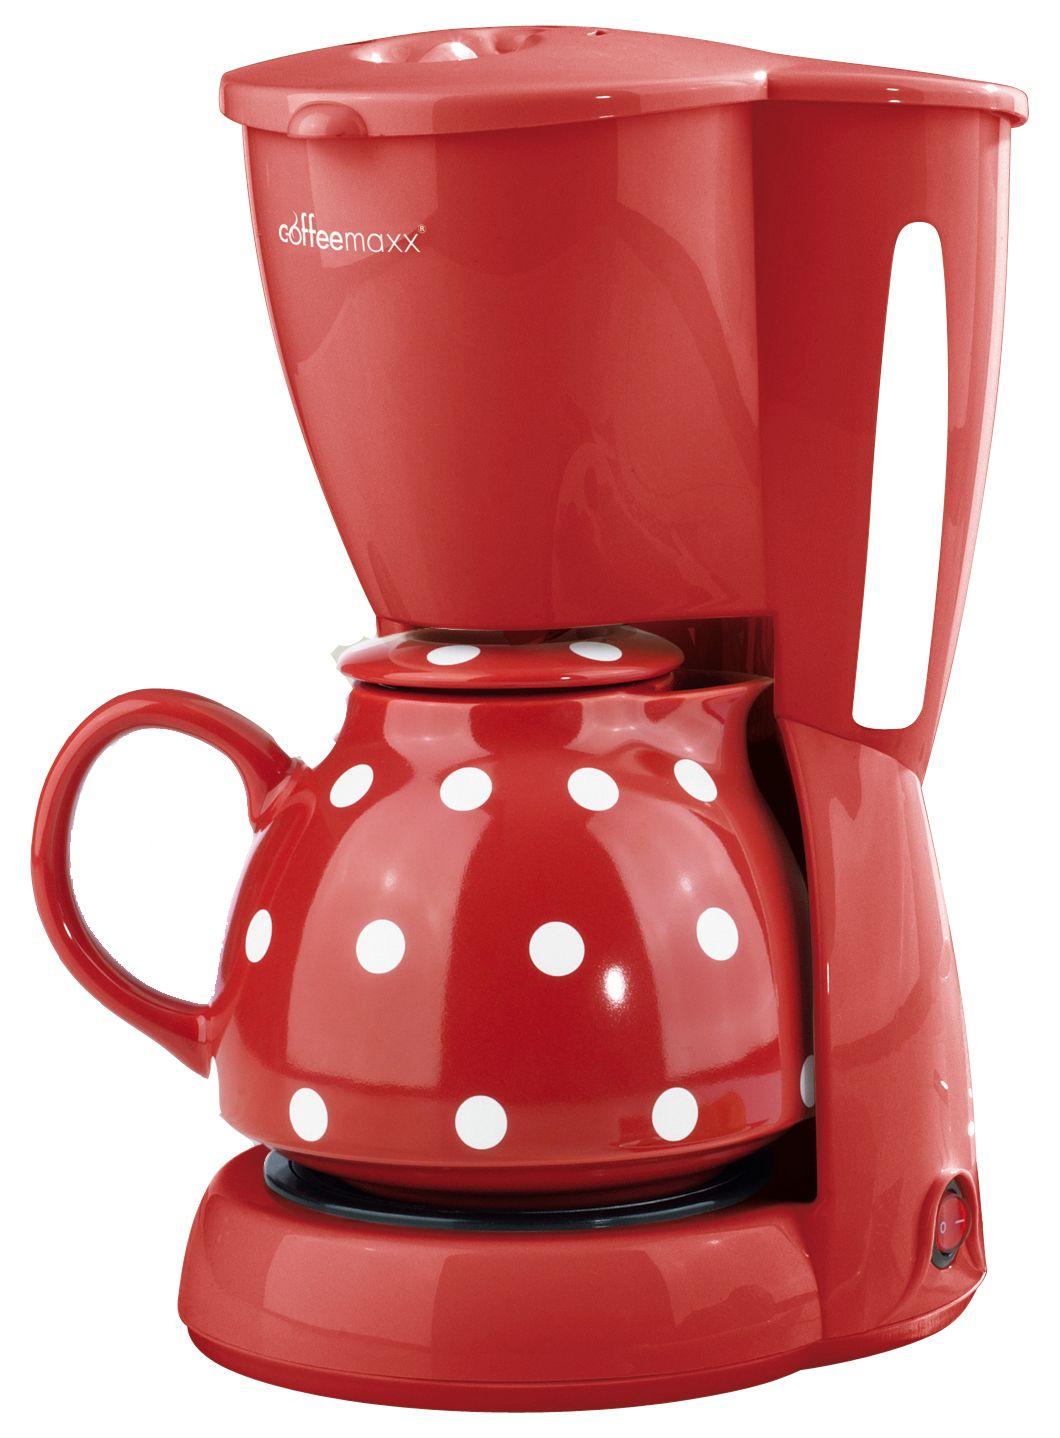 schwab coffee maxx kaffeemaschine p nktchen 1336. Black Bedroom Furniture Sets. Home Design Ideas